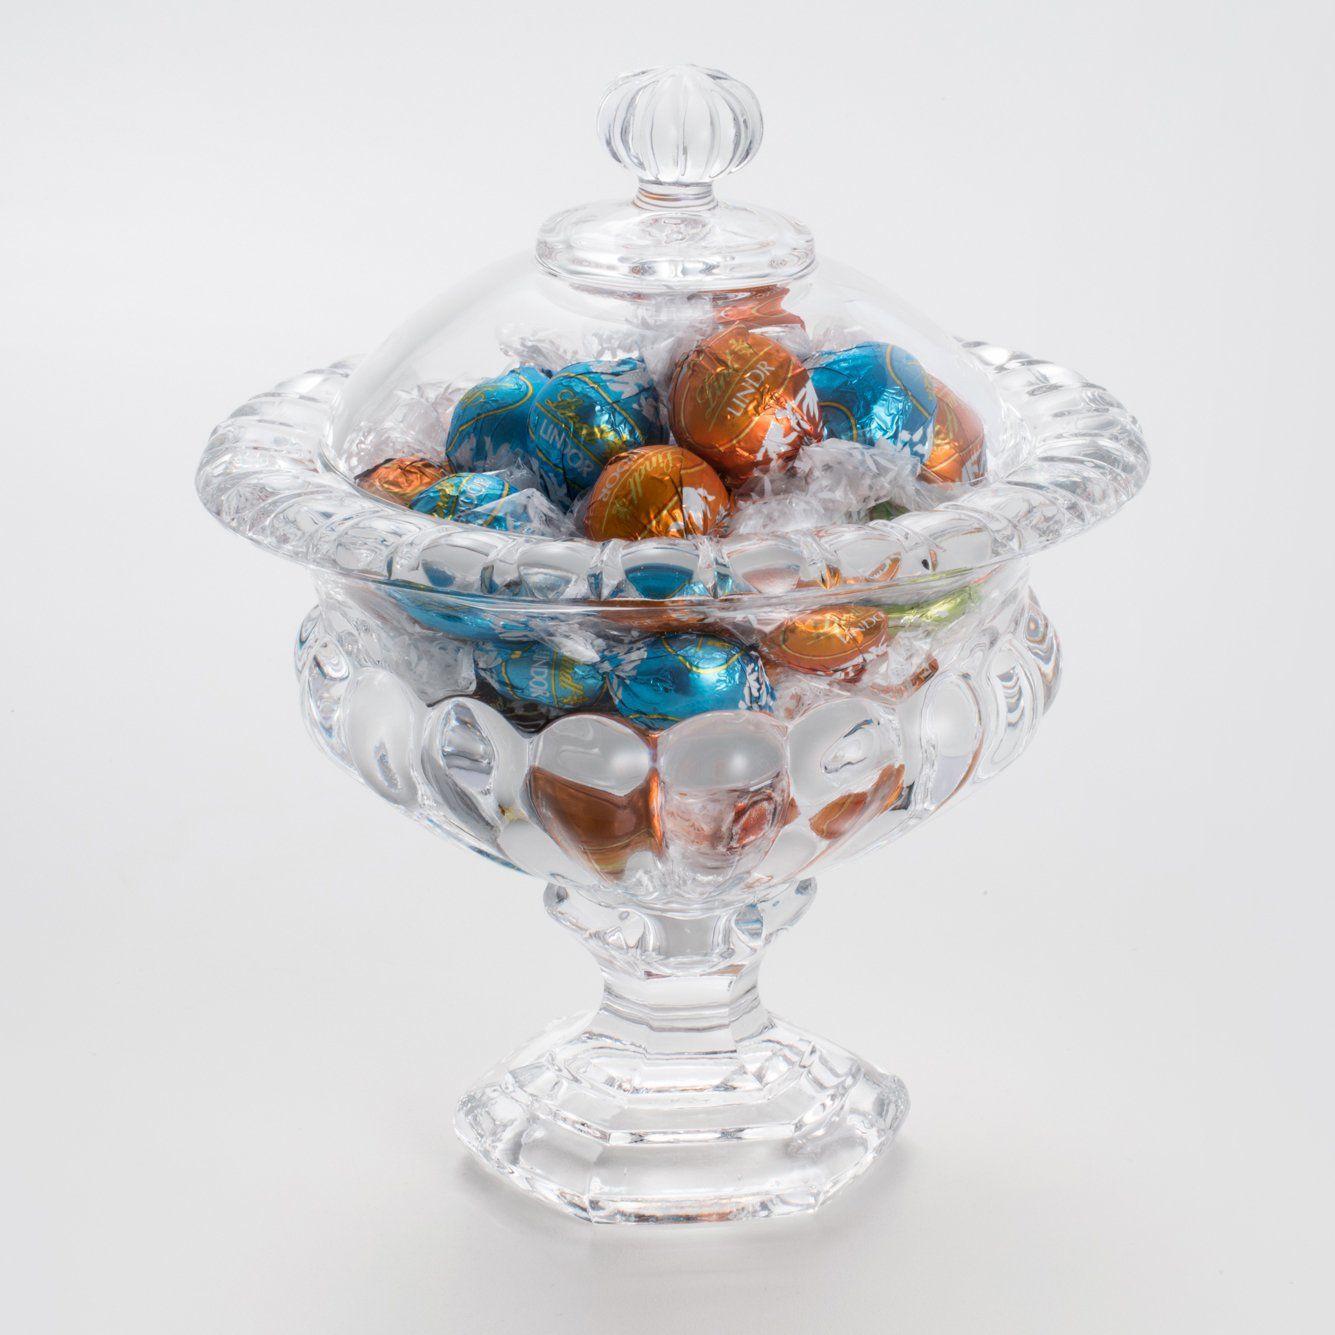 Bomboniere 23 cm de cristal transparente com tampa e pé Sussex Wolff - 2138